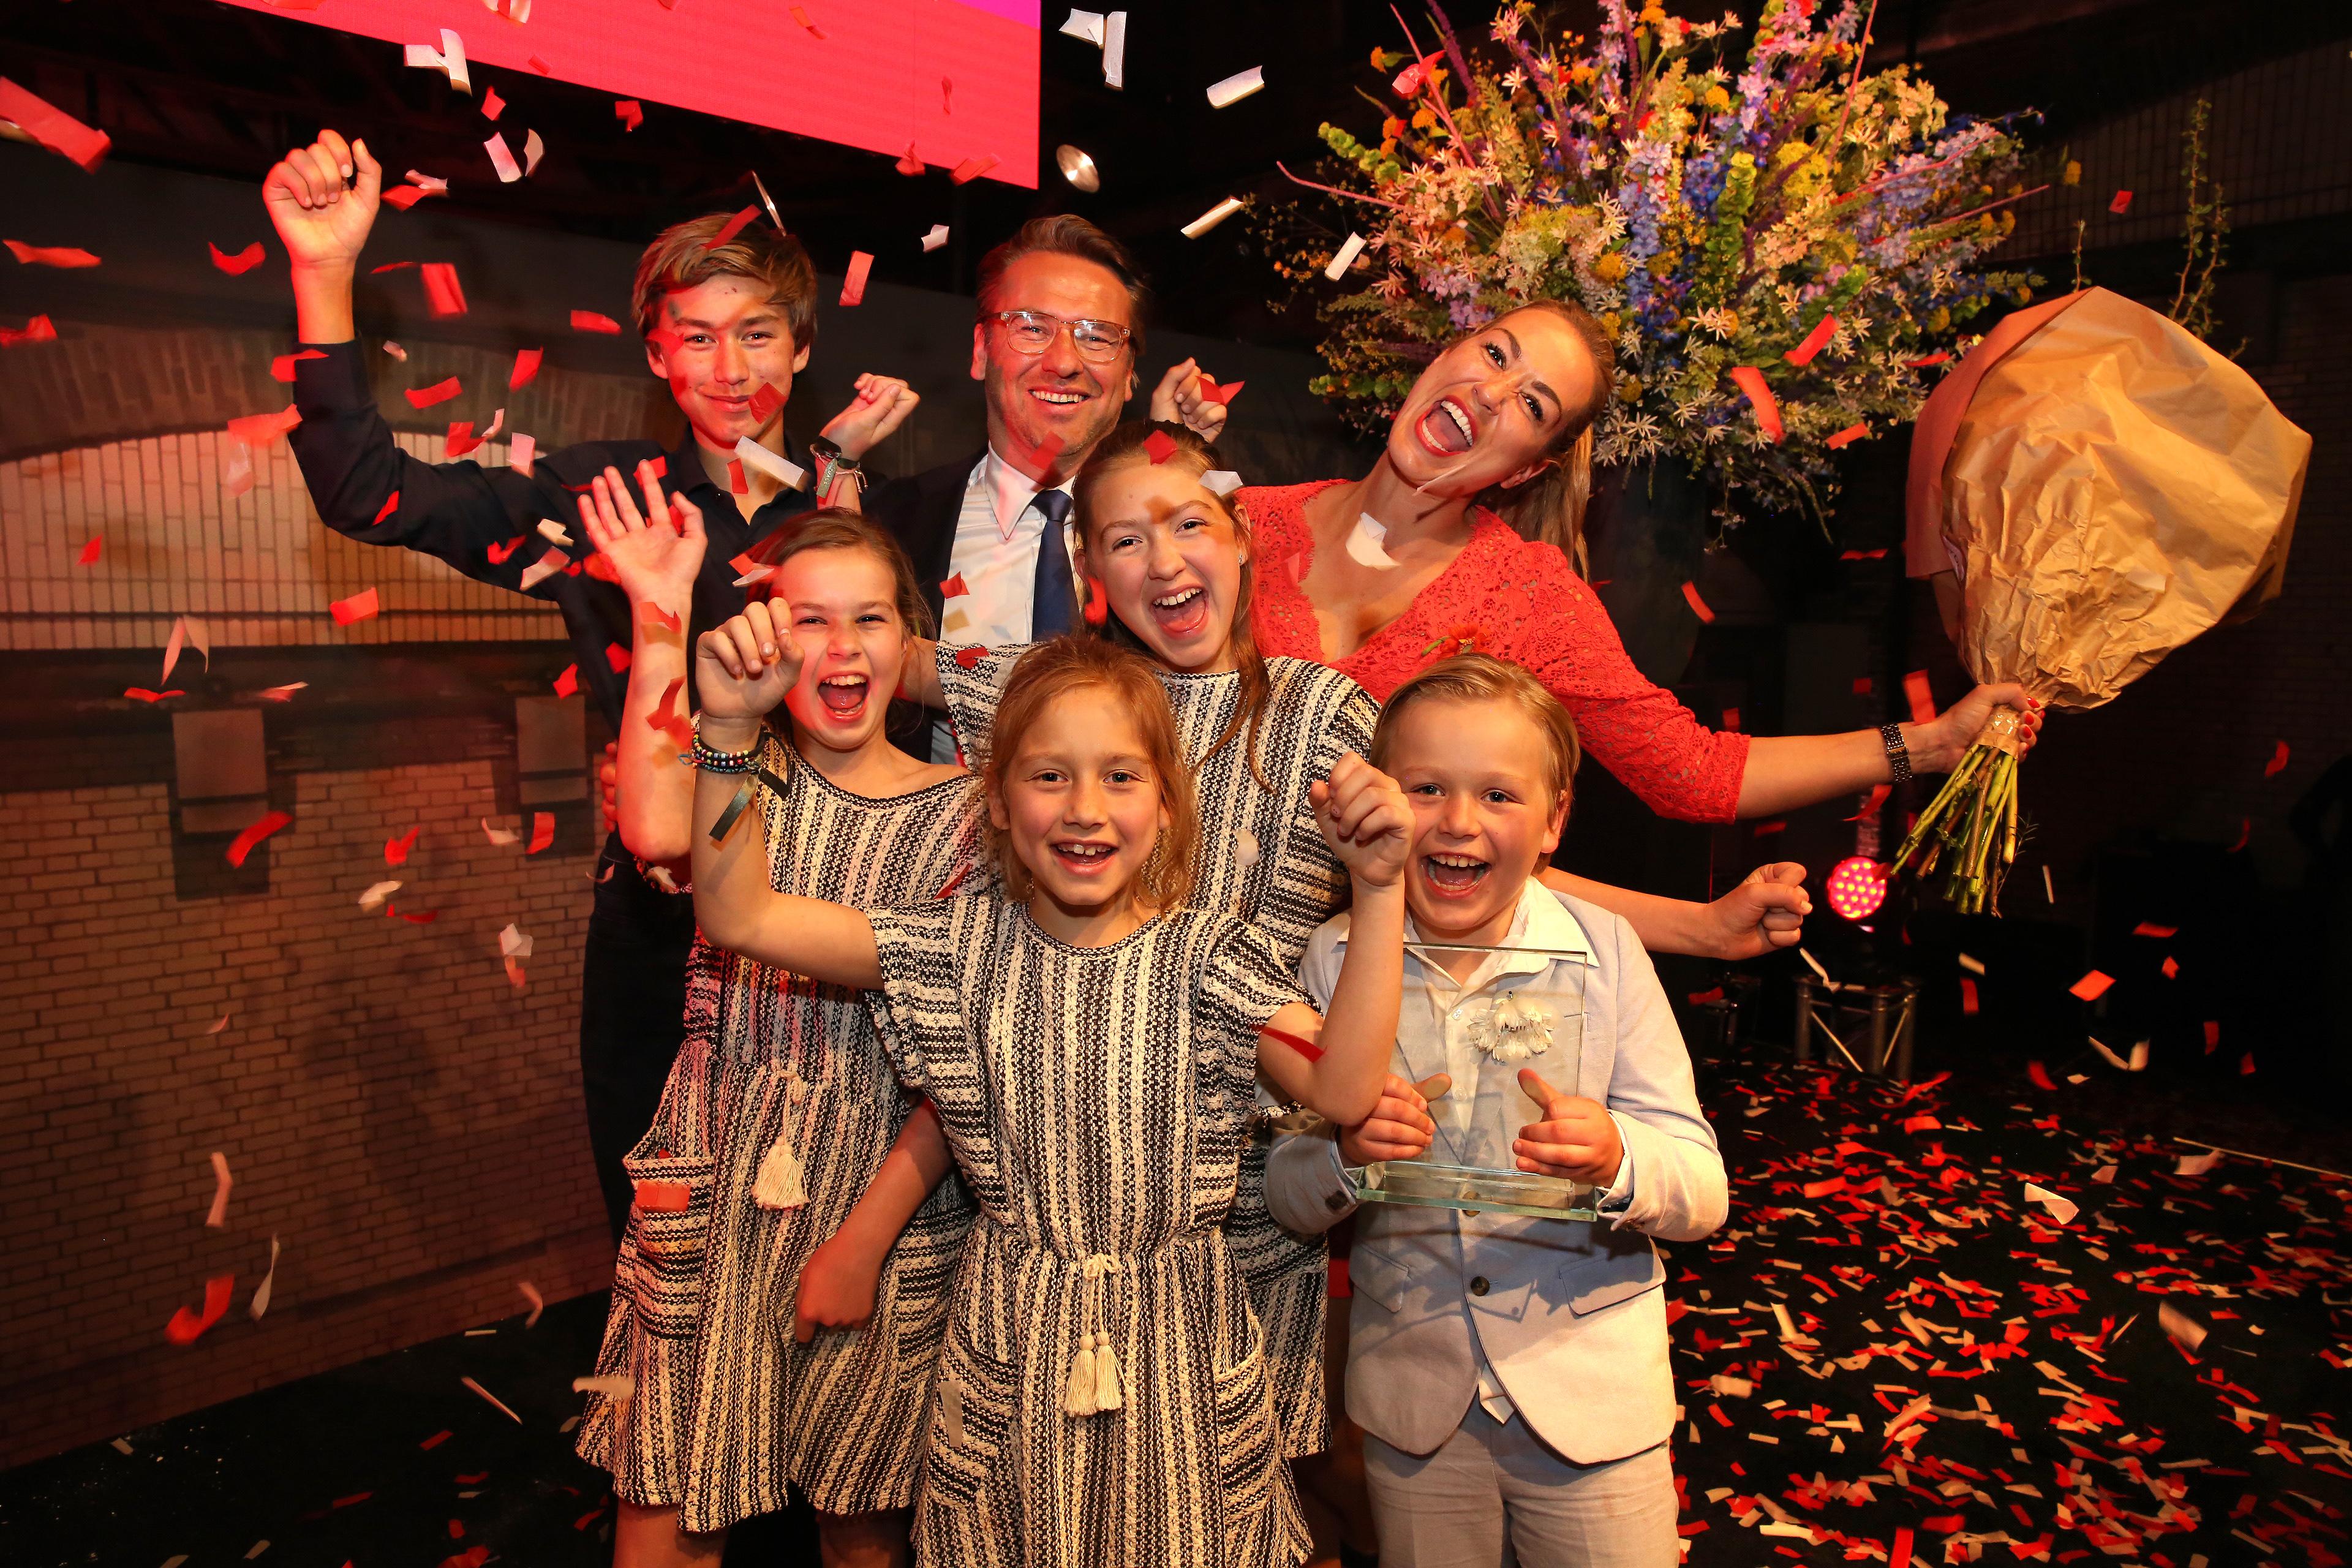 laura-van-dijk-winnaar-haarlemse-ondernemersprijs-2019-foto-noortje-dalhuijsen-002